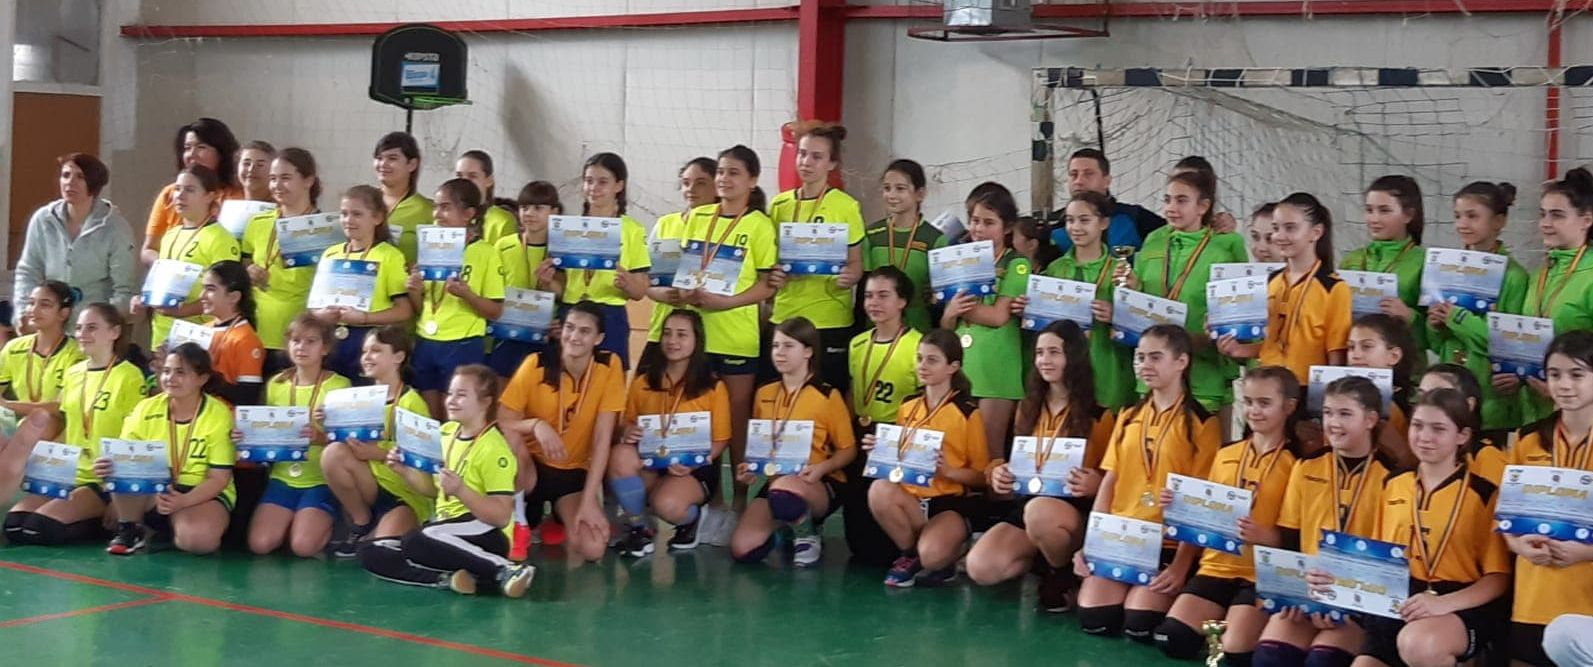 Memorialul Alexandru Crăciun la handbal fete s-a desfăşurat astăzi la Piteşti